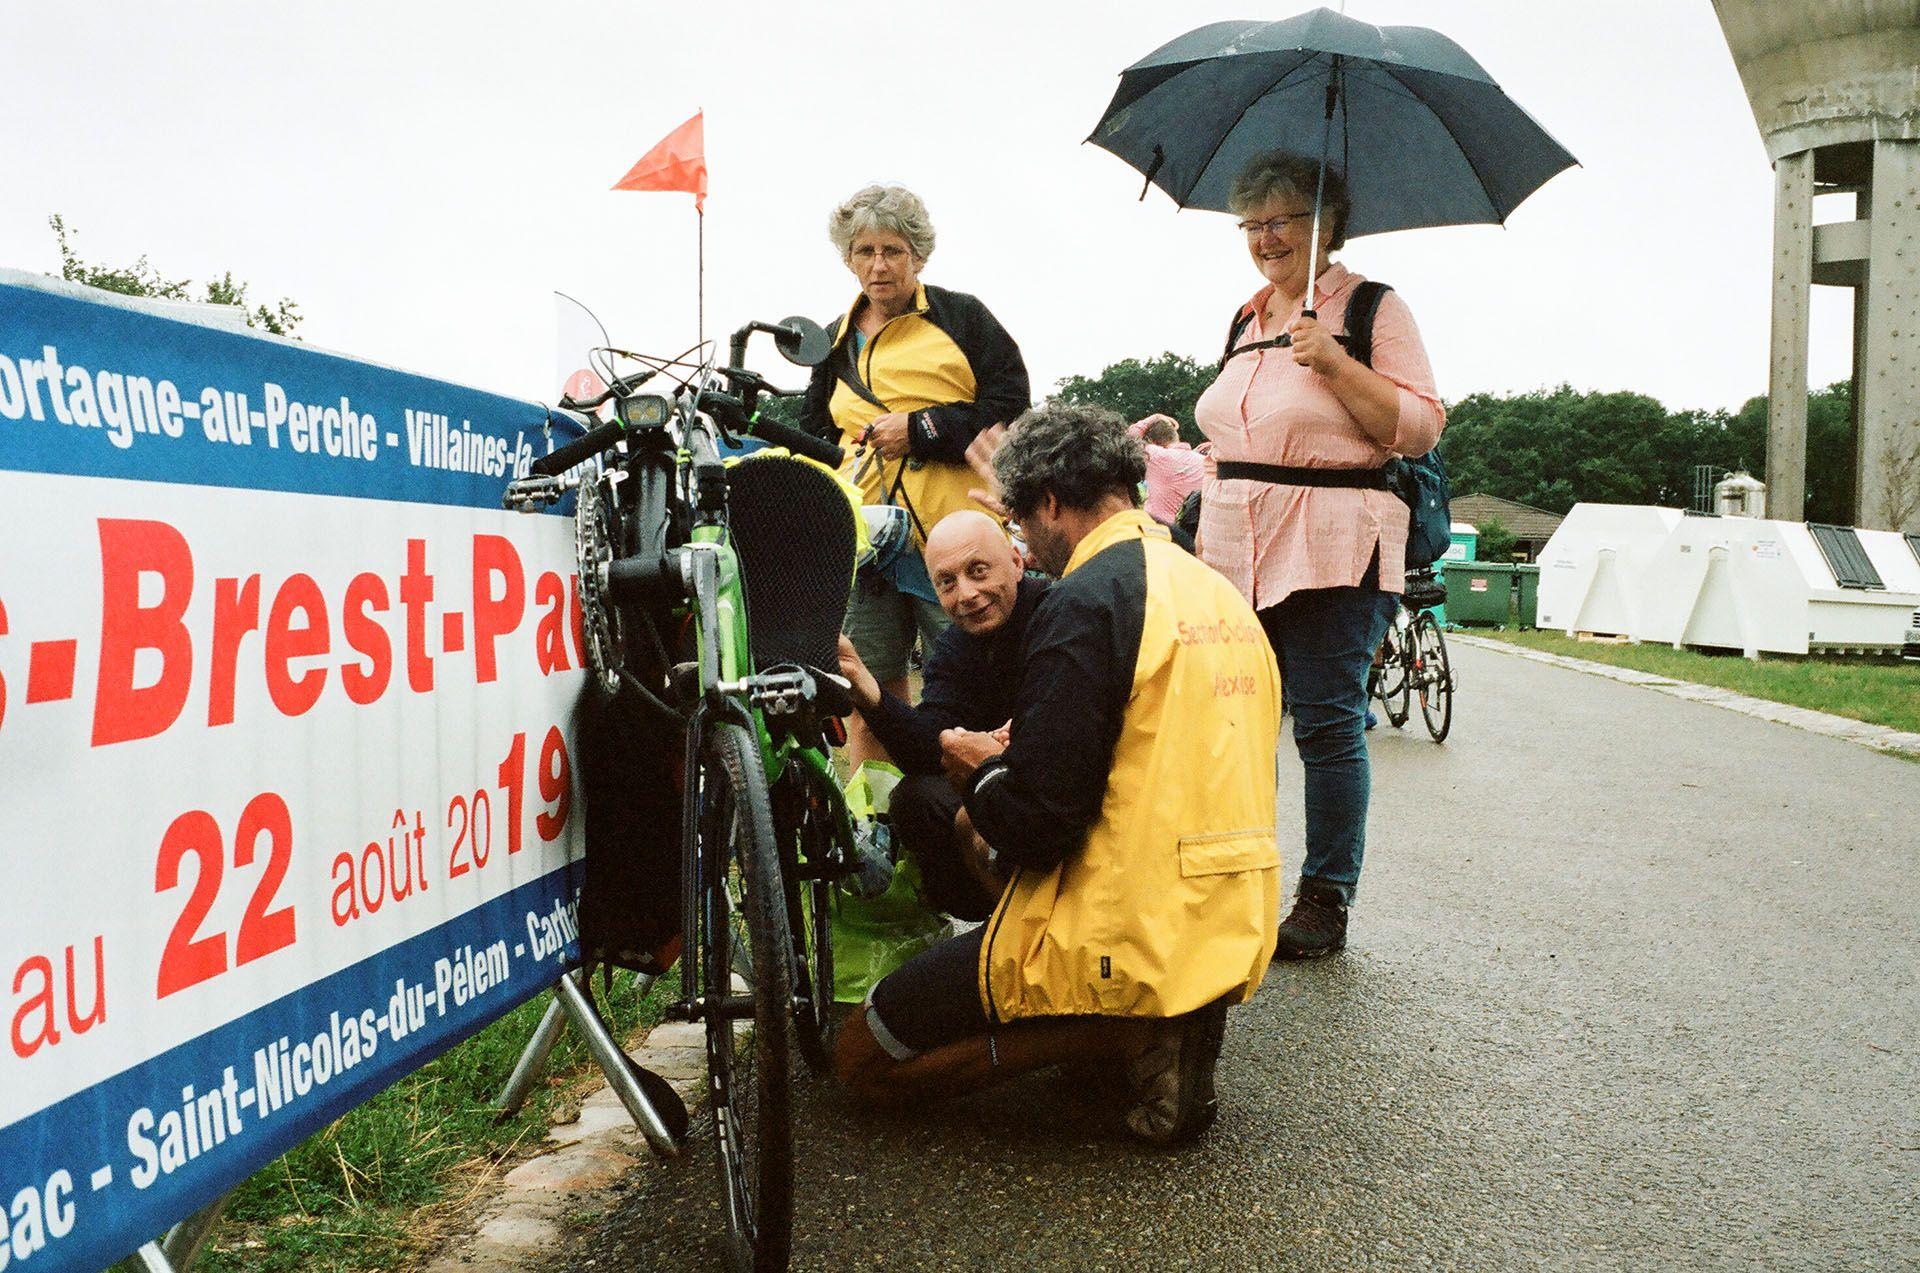 Старший чоловік разом із друзями роздивляється свій велосипед після байкчеку